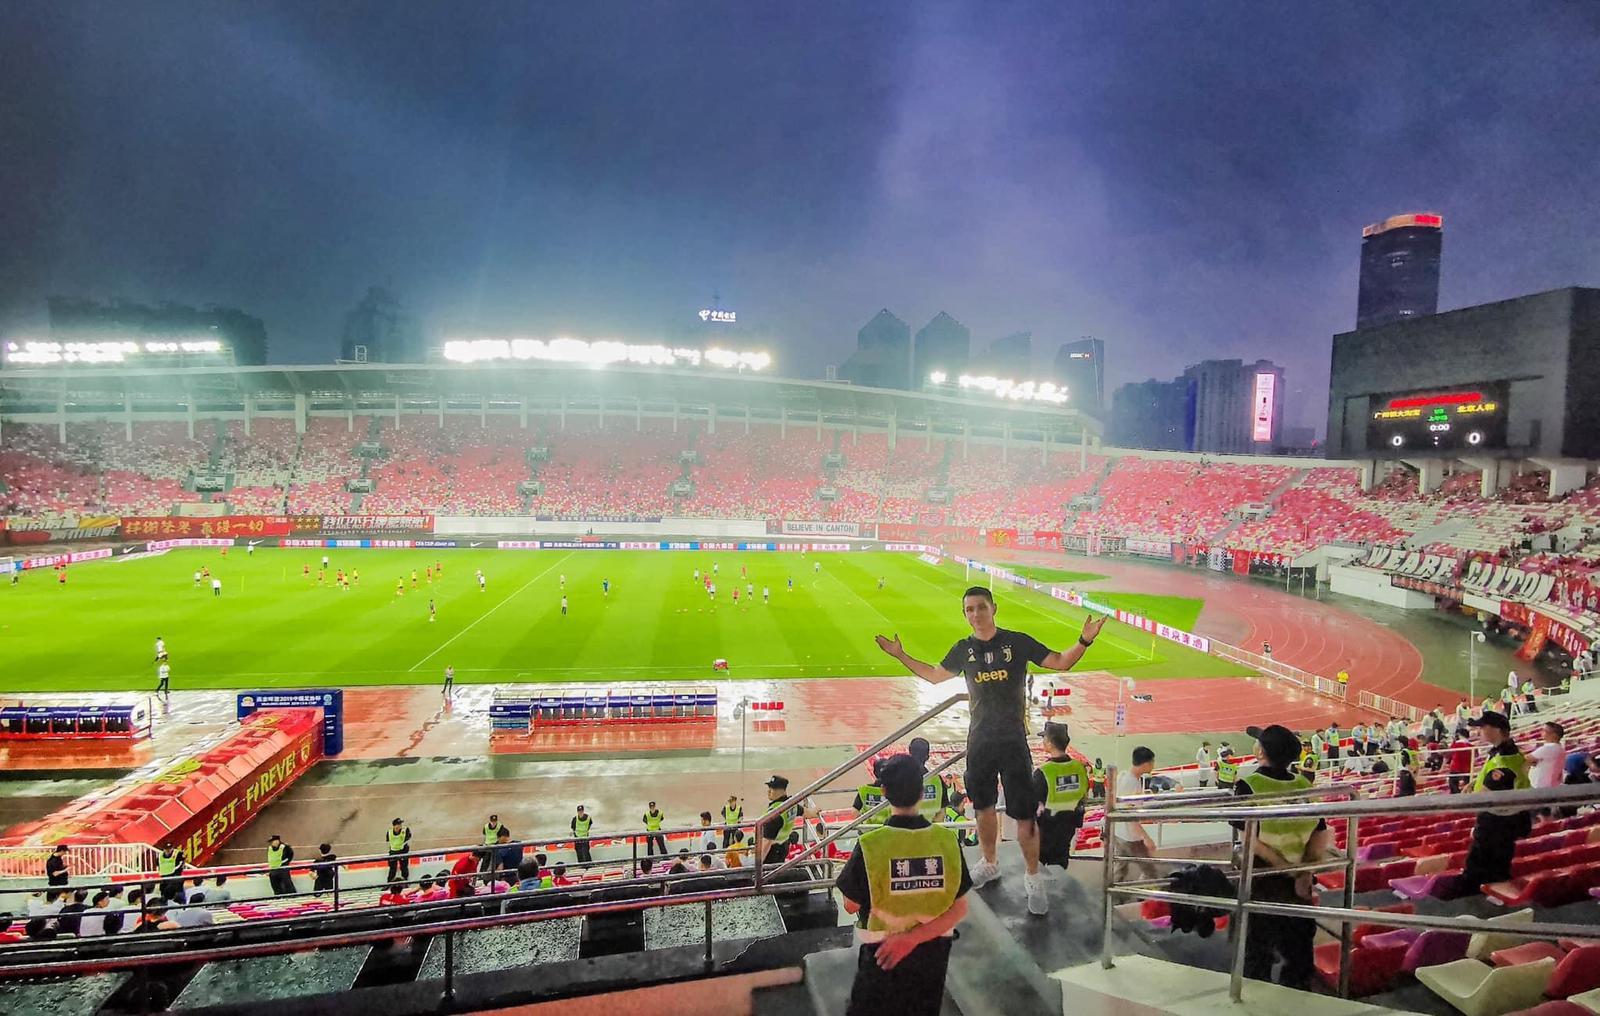 ▲曾到現場觀看足球賽事的祖雄,對於現場超嗨的氣氛非常難忘。